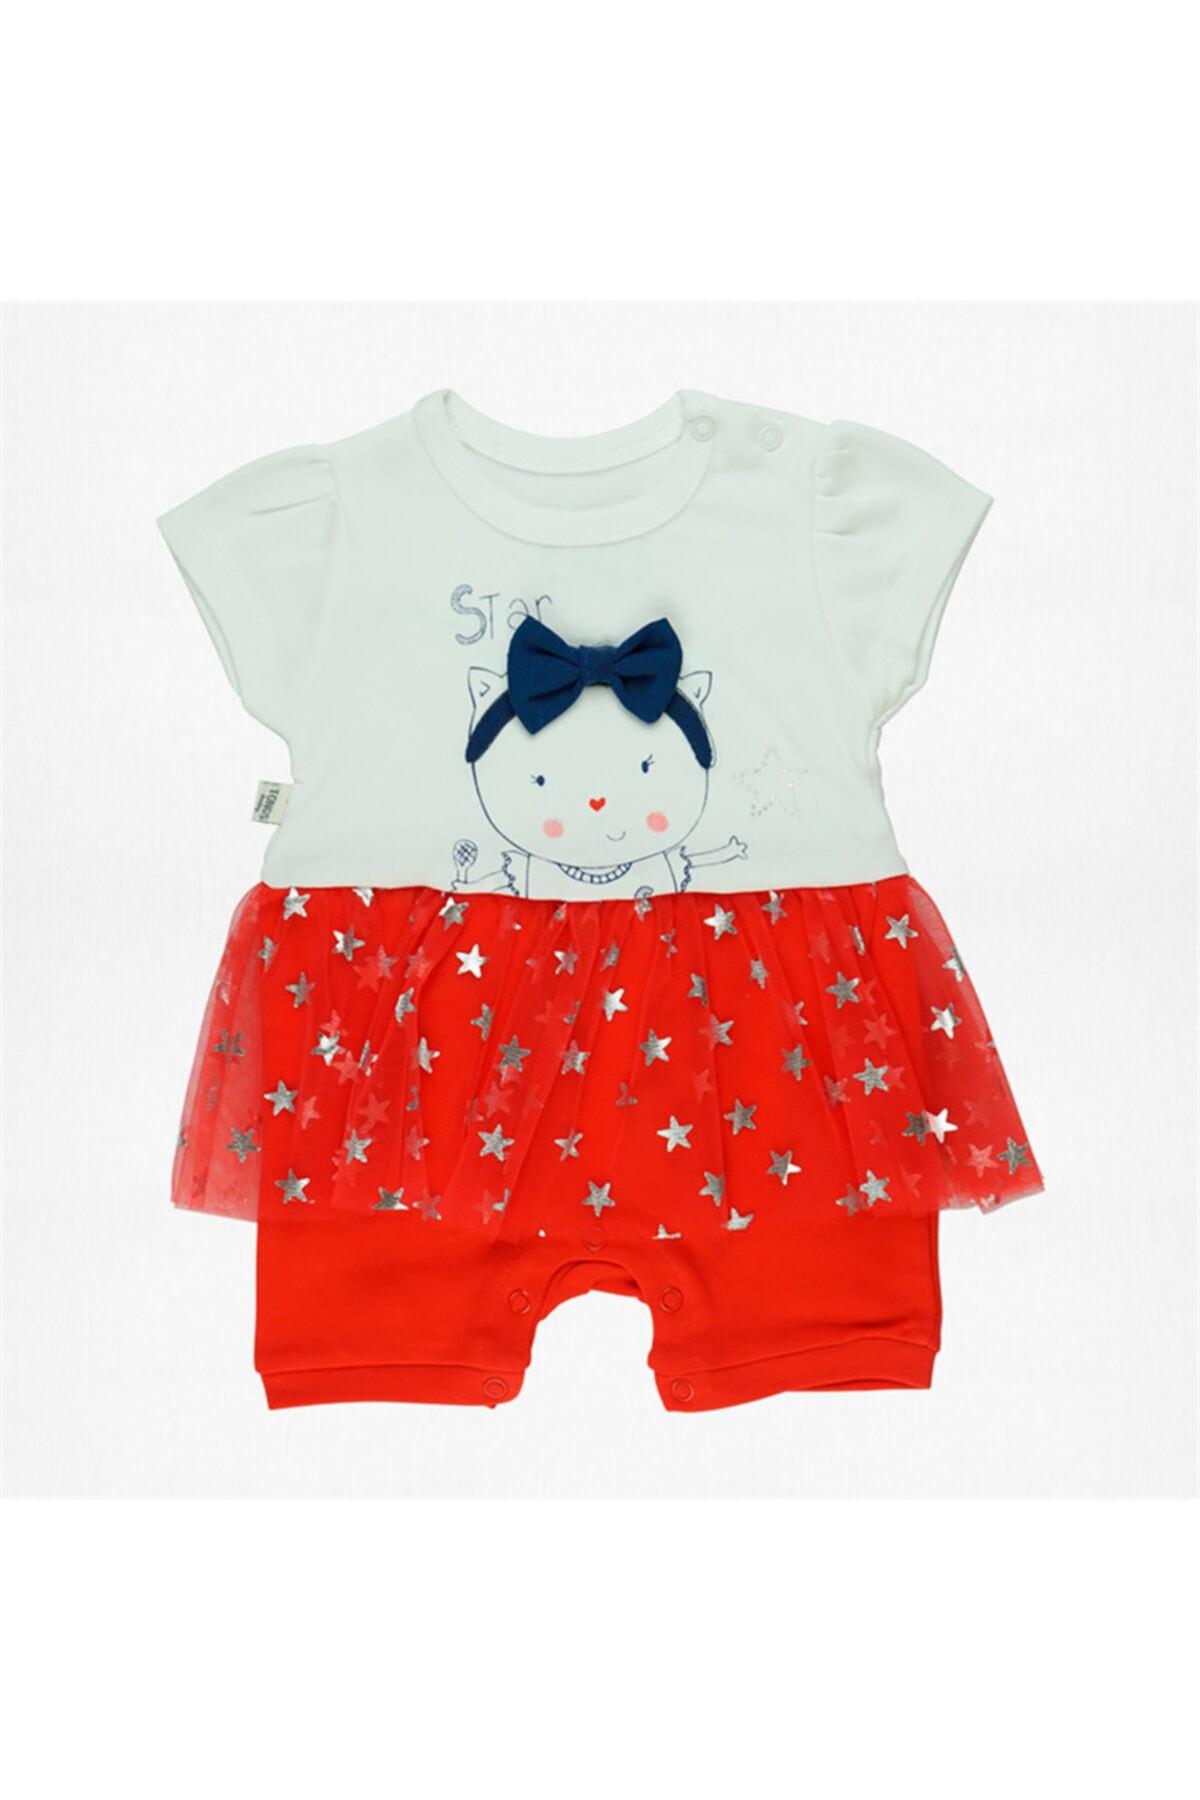 Tongs Baby Kırmızı Tulum 1